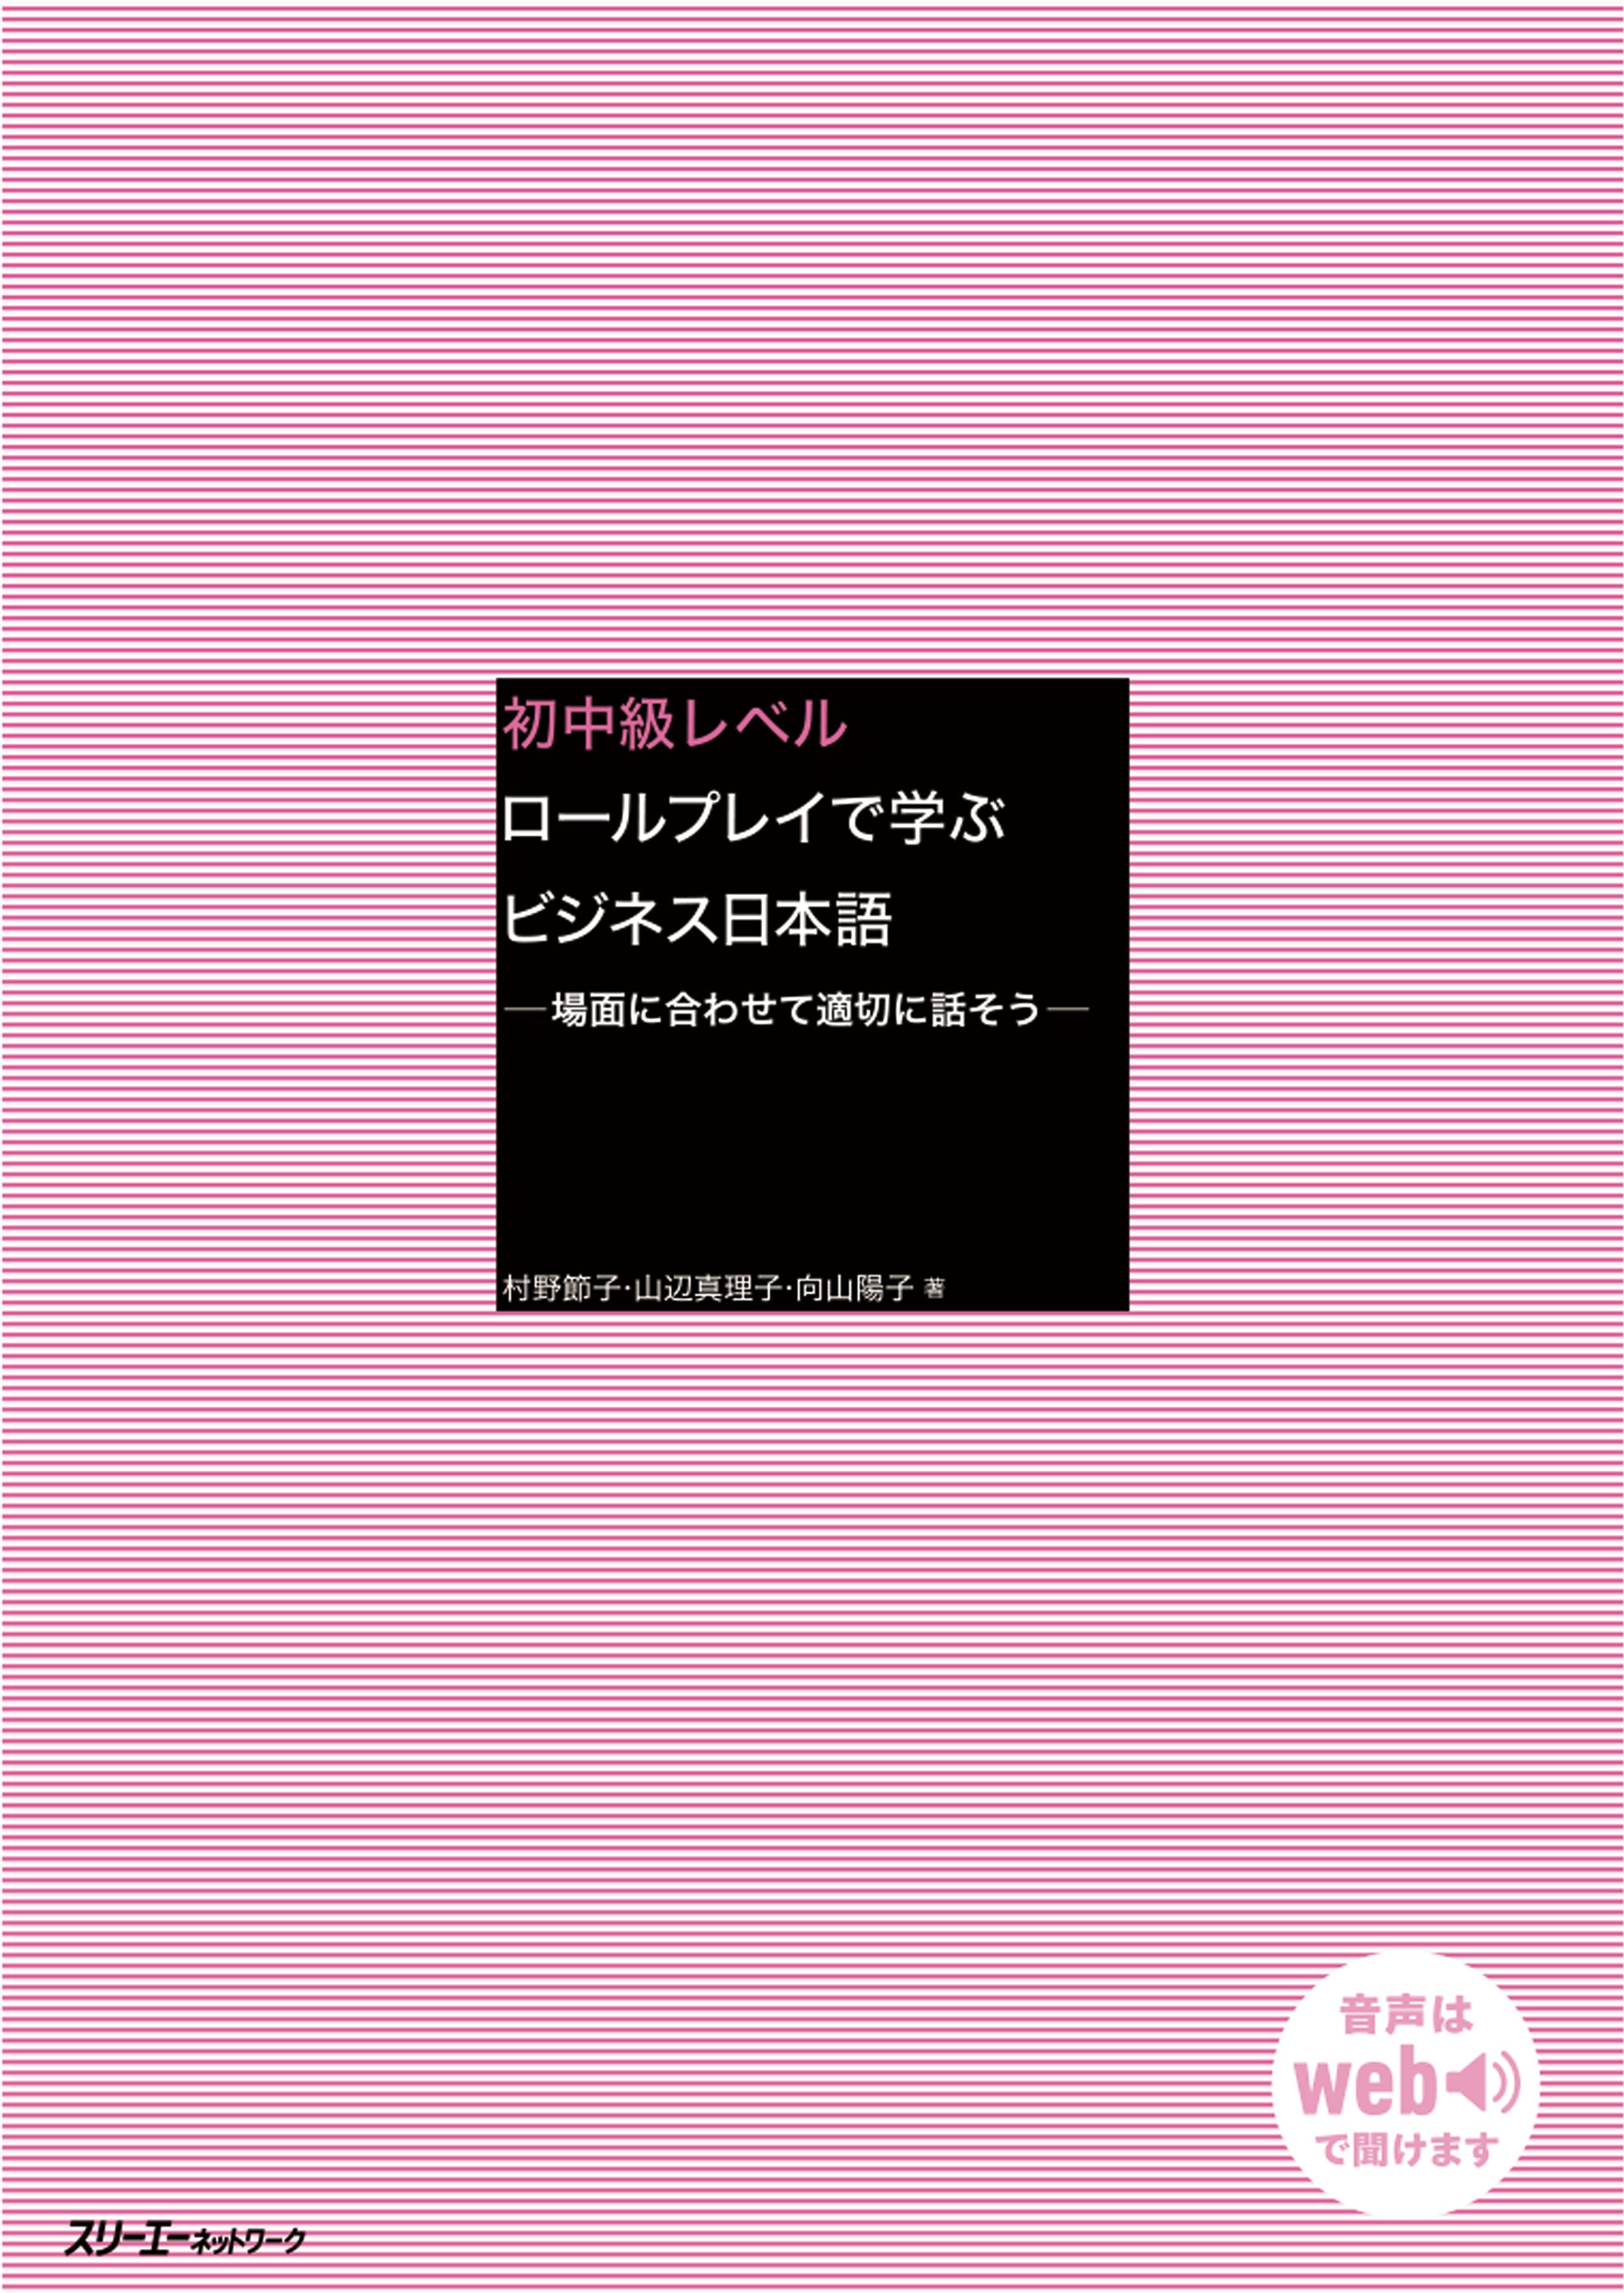 初中級レベル ロールプレイで学ぶビジネス日本語-場面に合わせて適切に話そう-画像